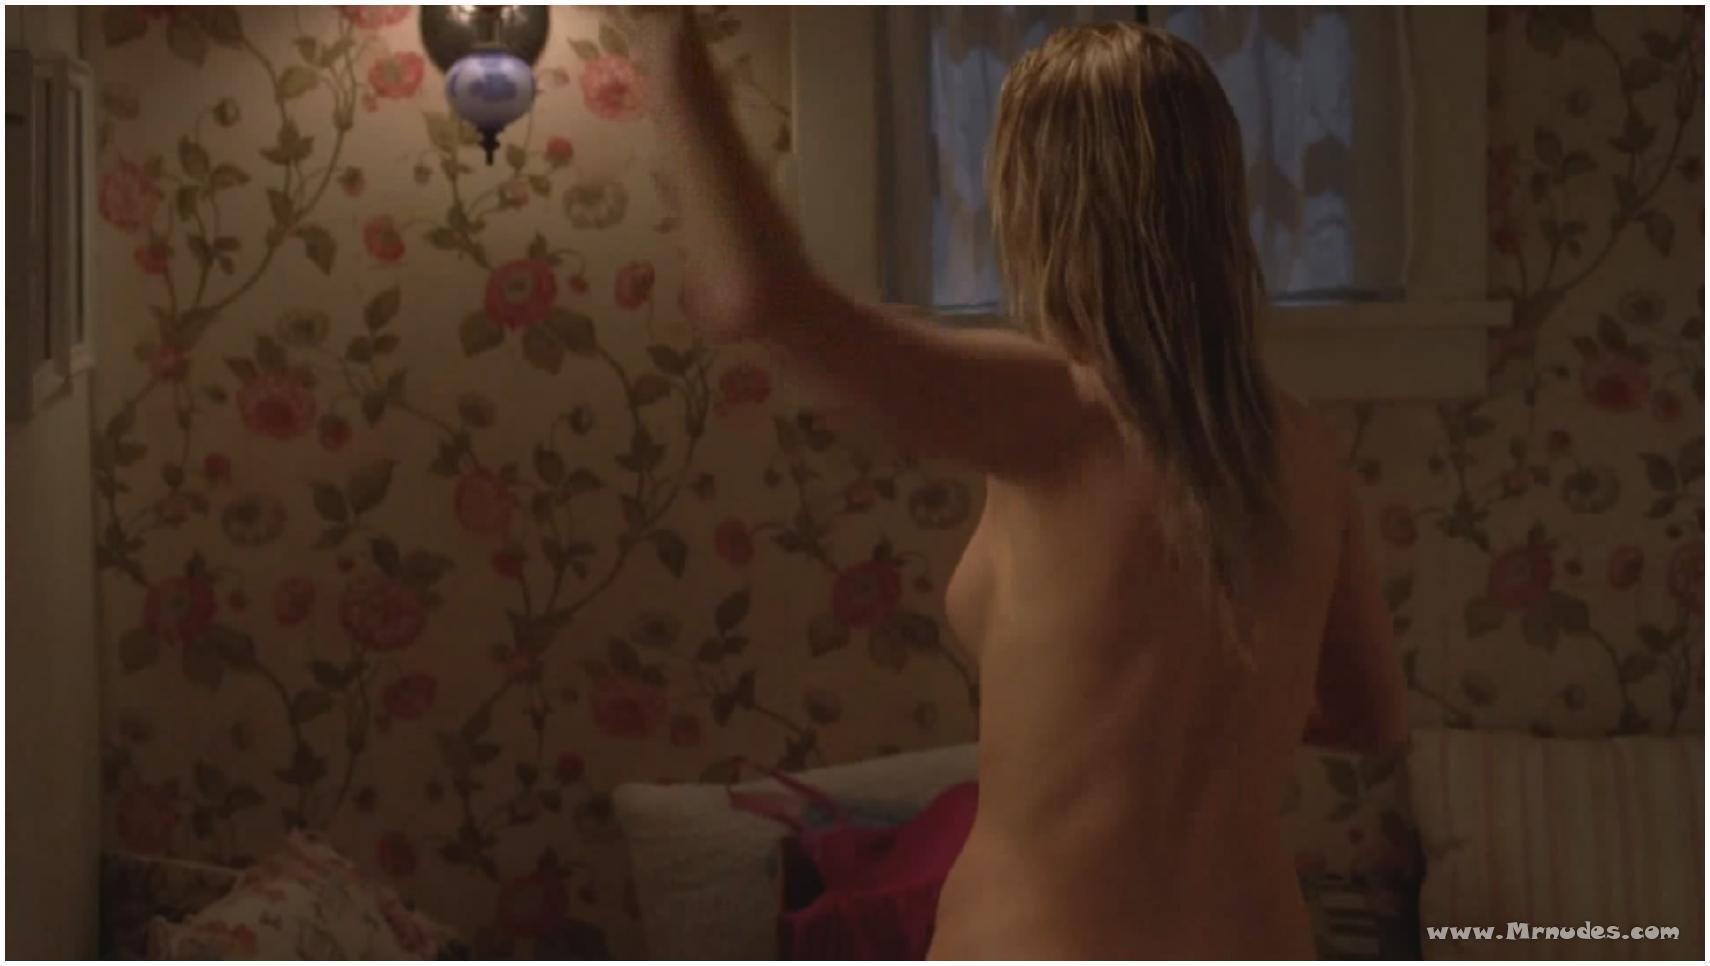 wwe nude girl photo